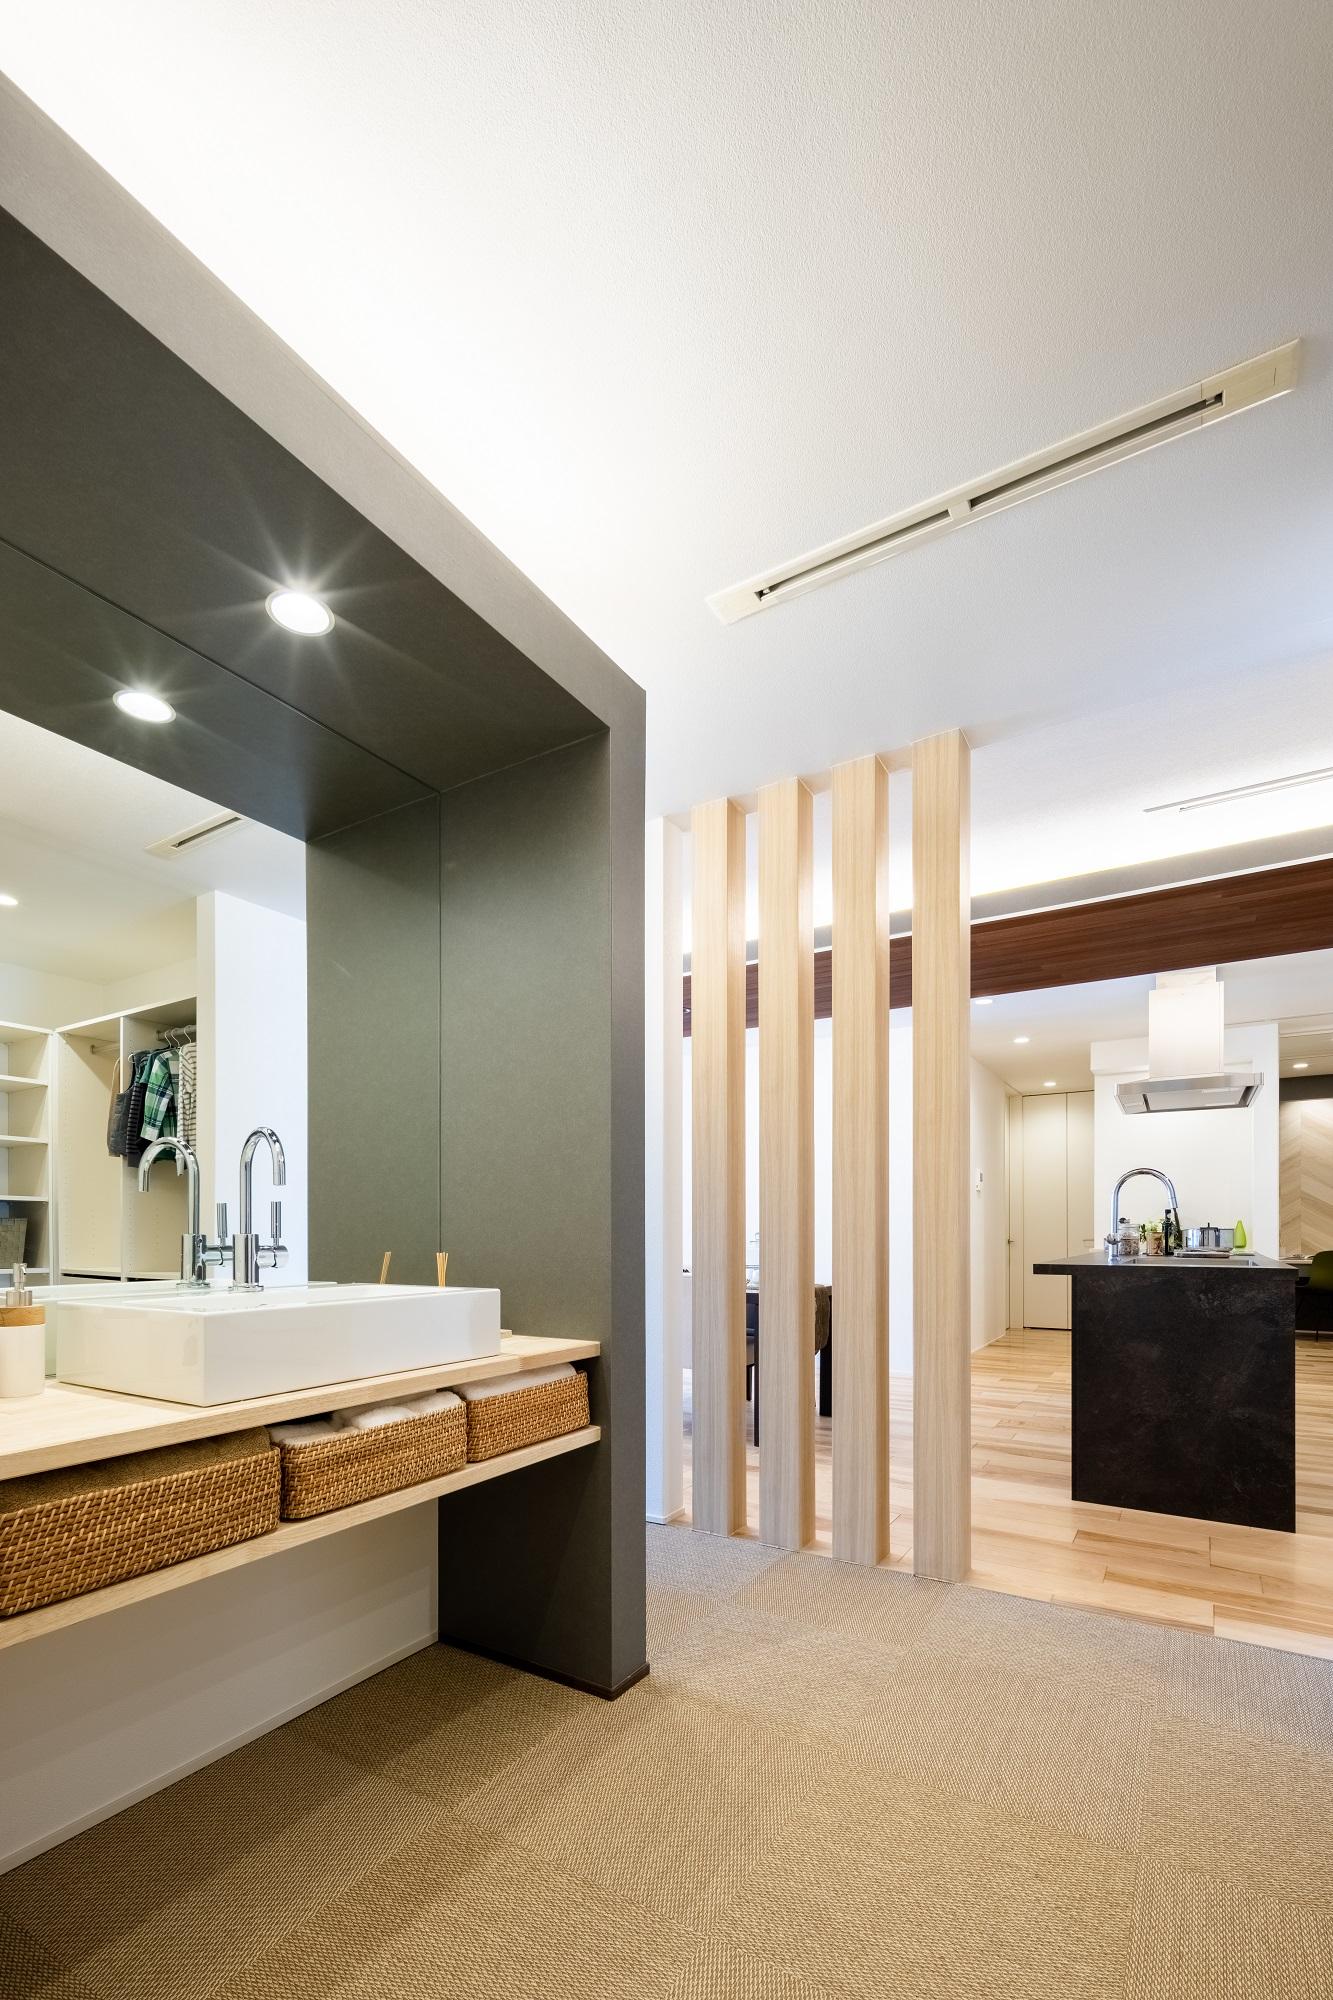 キッチン横には水まわりの動線があります。カウンタータイプの洗面台に大きな鏡で身支度もゆったりと。